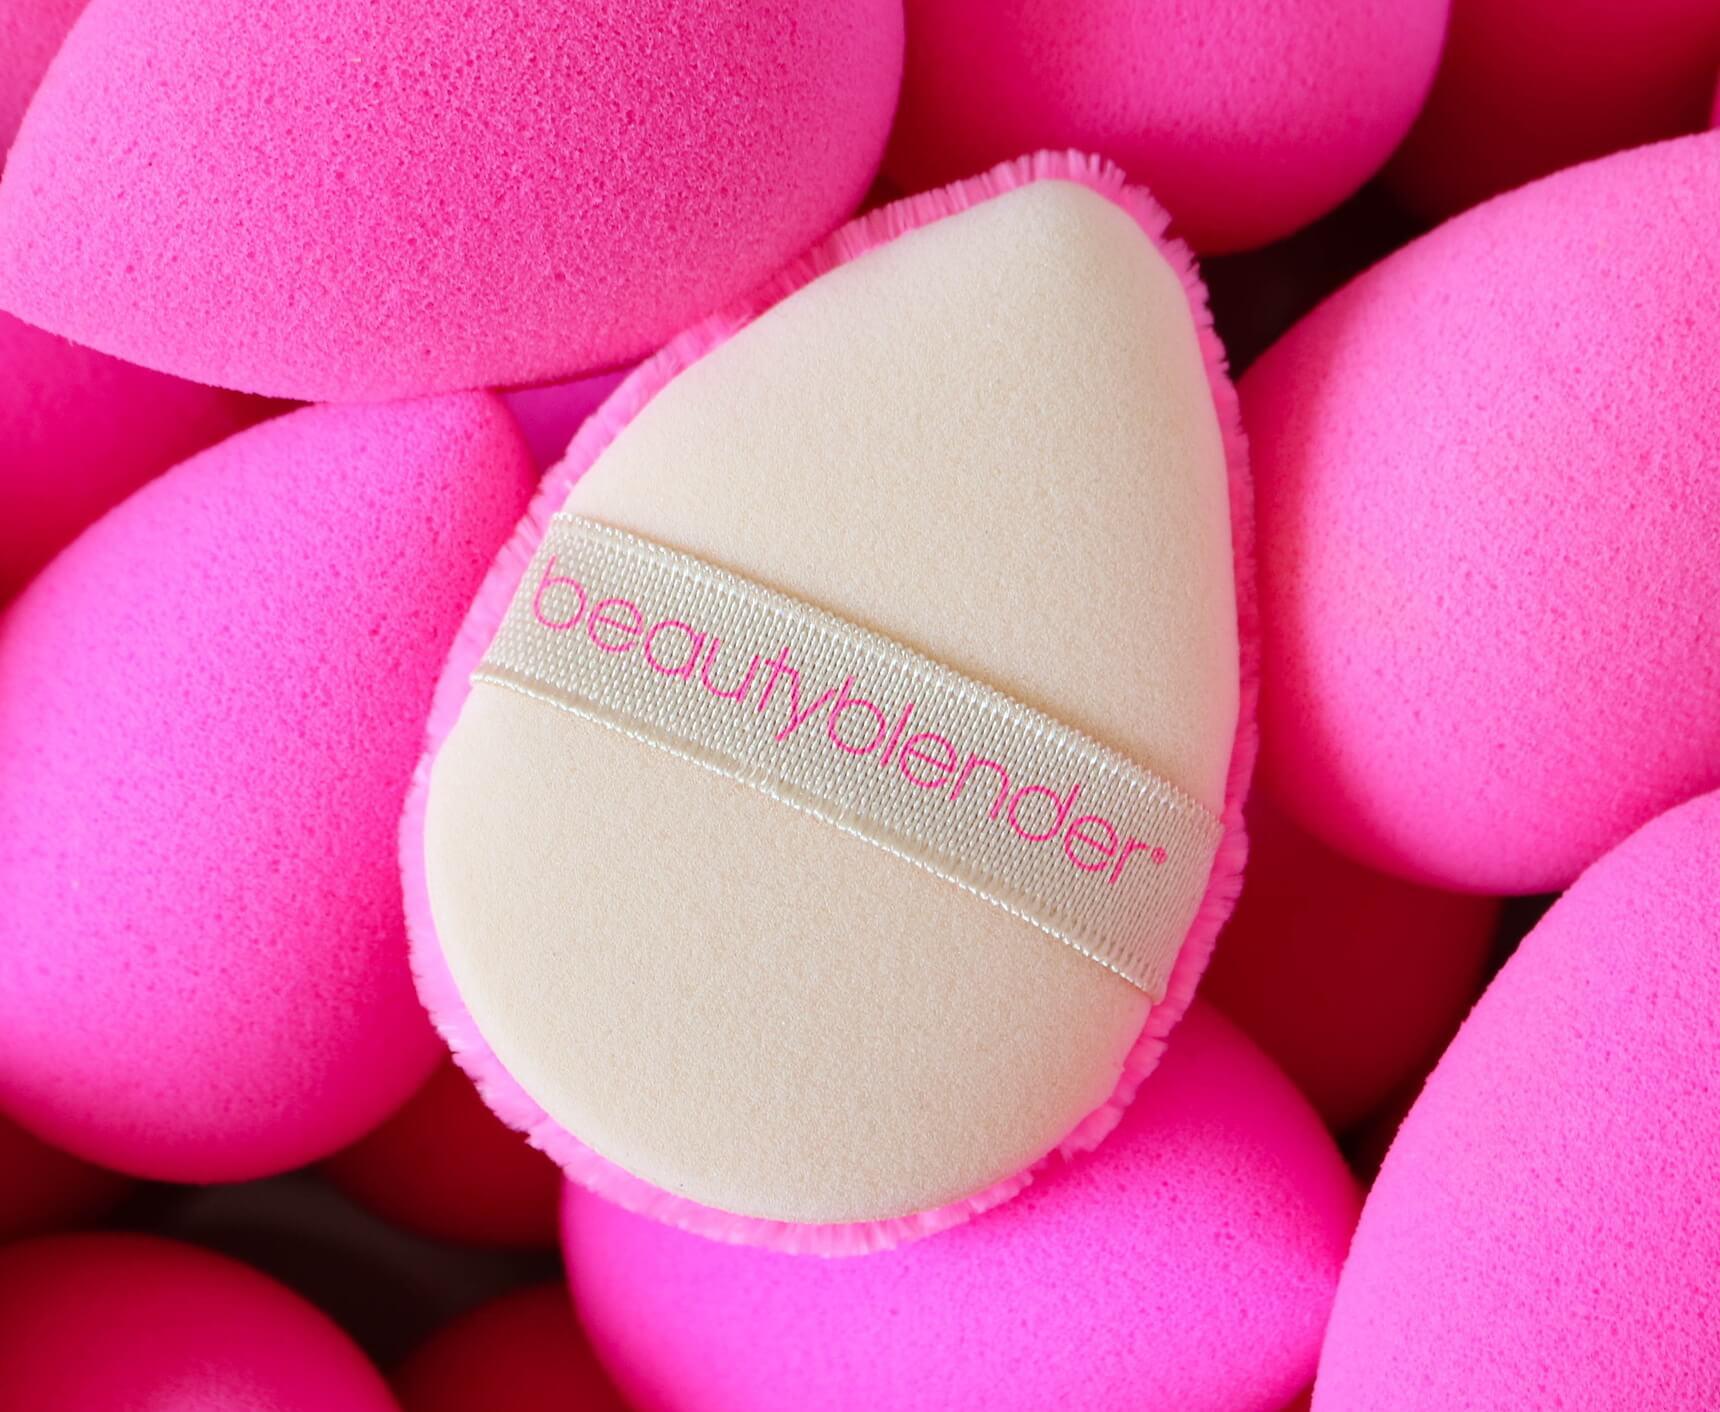 Free Beautyblender Gift